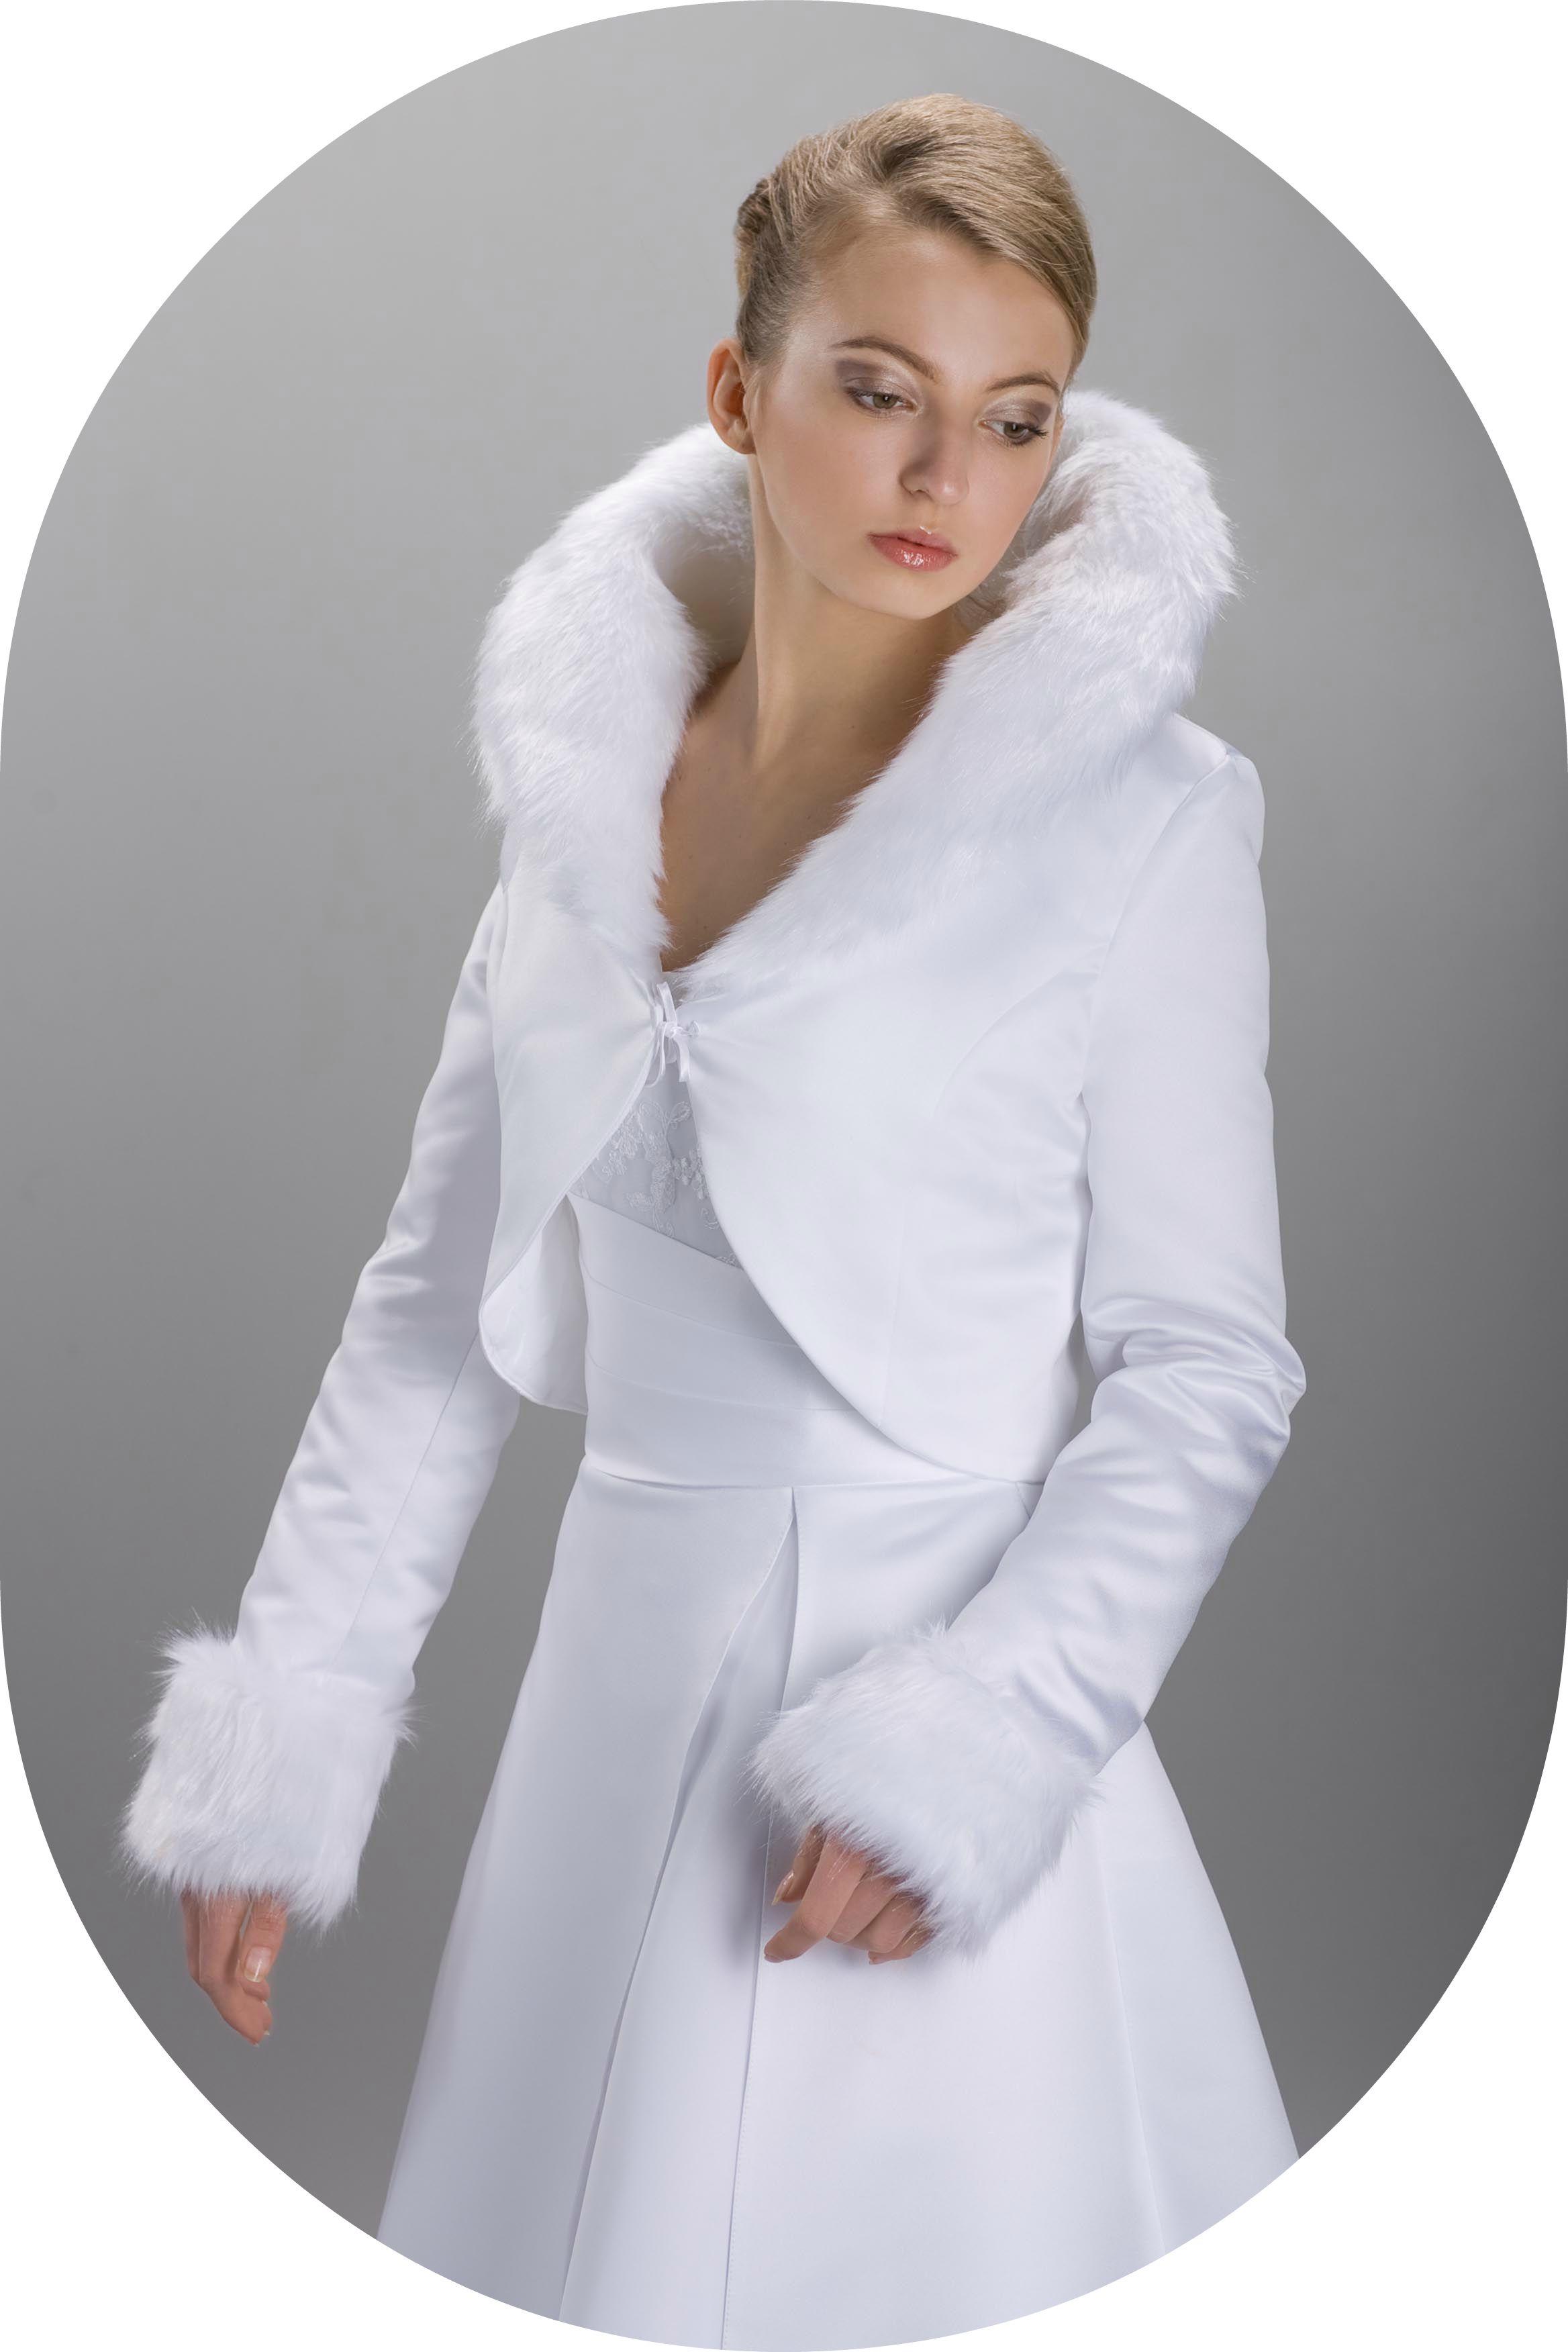 Winterbolero für die Braut / Brautjacke aus Satin zum Brautkleid ...